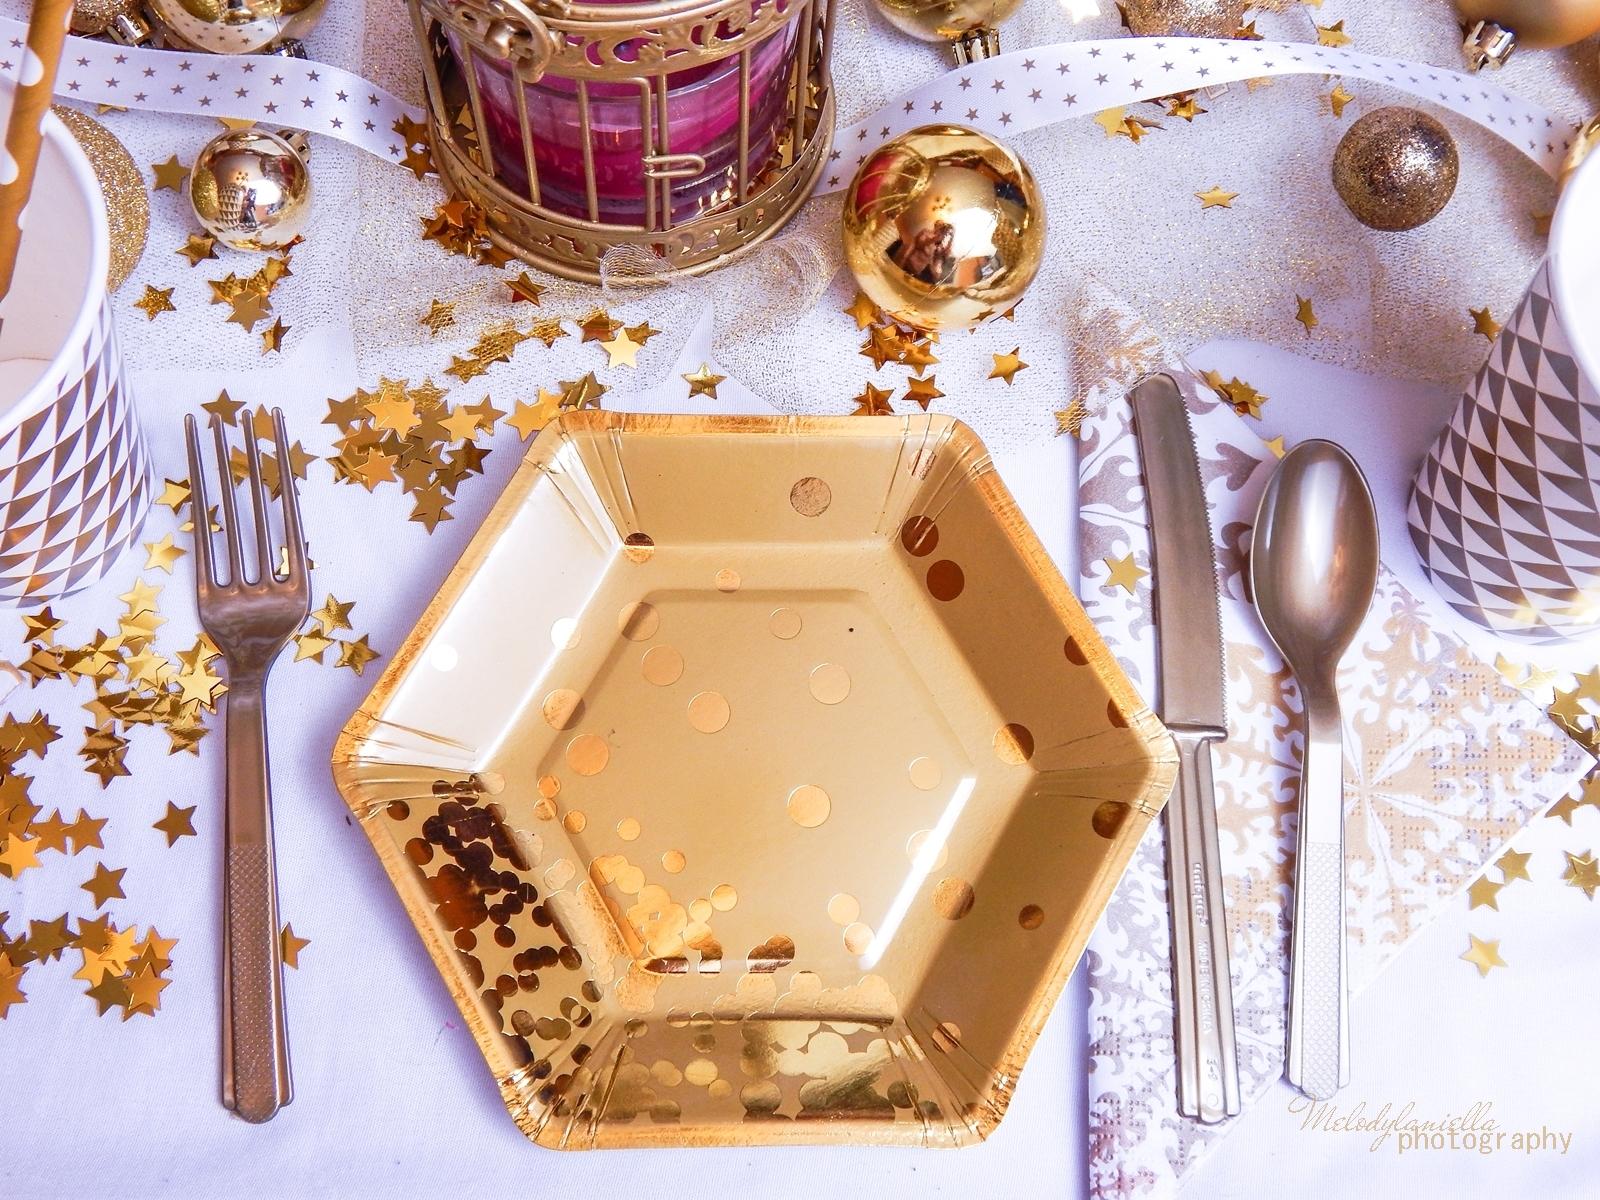 4 jak udekorować stół na imprezę dekoracja stołu karnawałowego świątecznego weselnego urodzinowego dekoracje dodatki partybox.pl partybox sklep z dodatkami na imprezy ciekawe gadżety